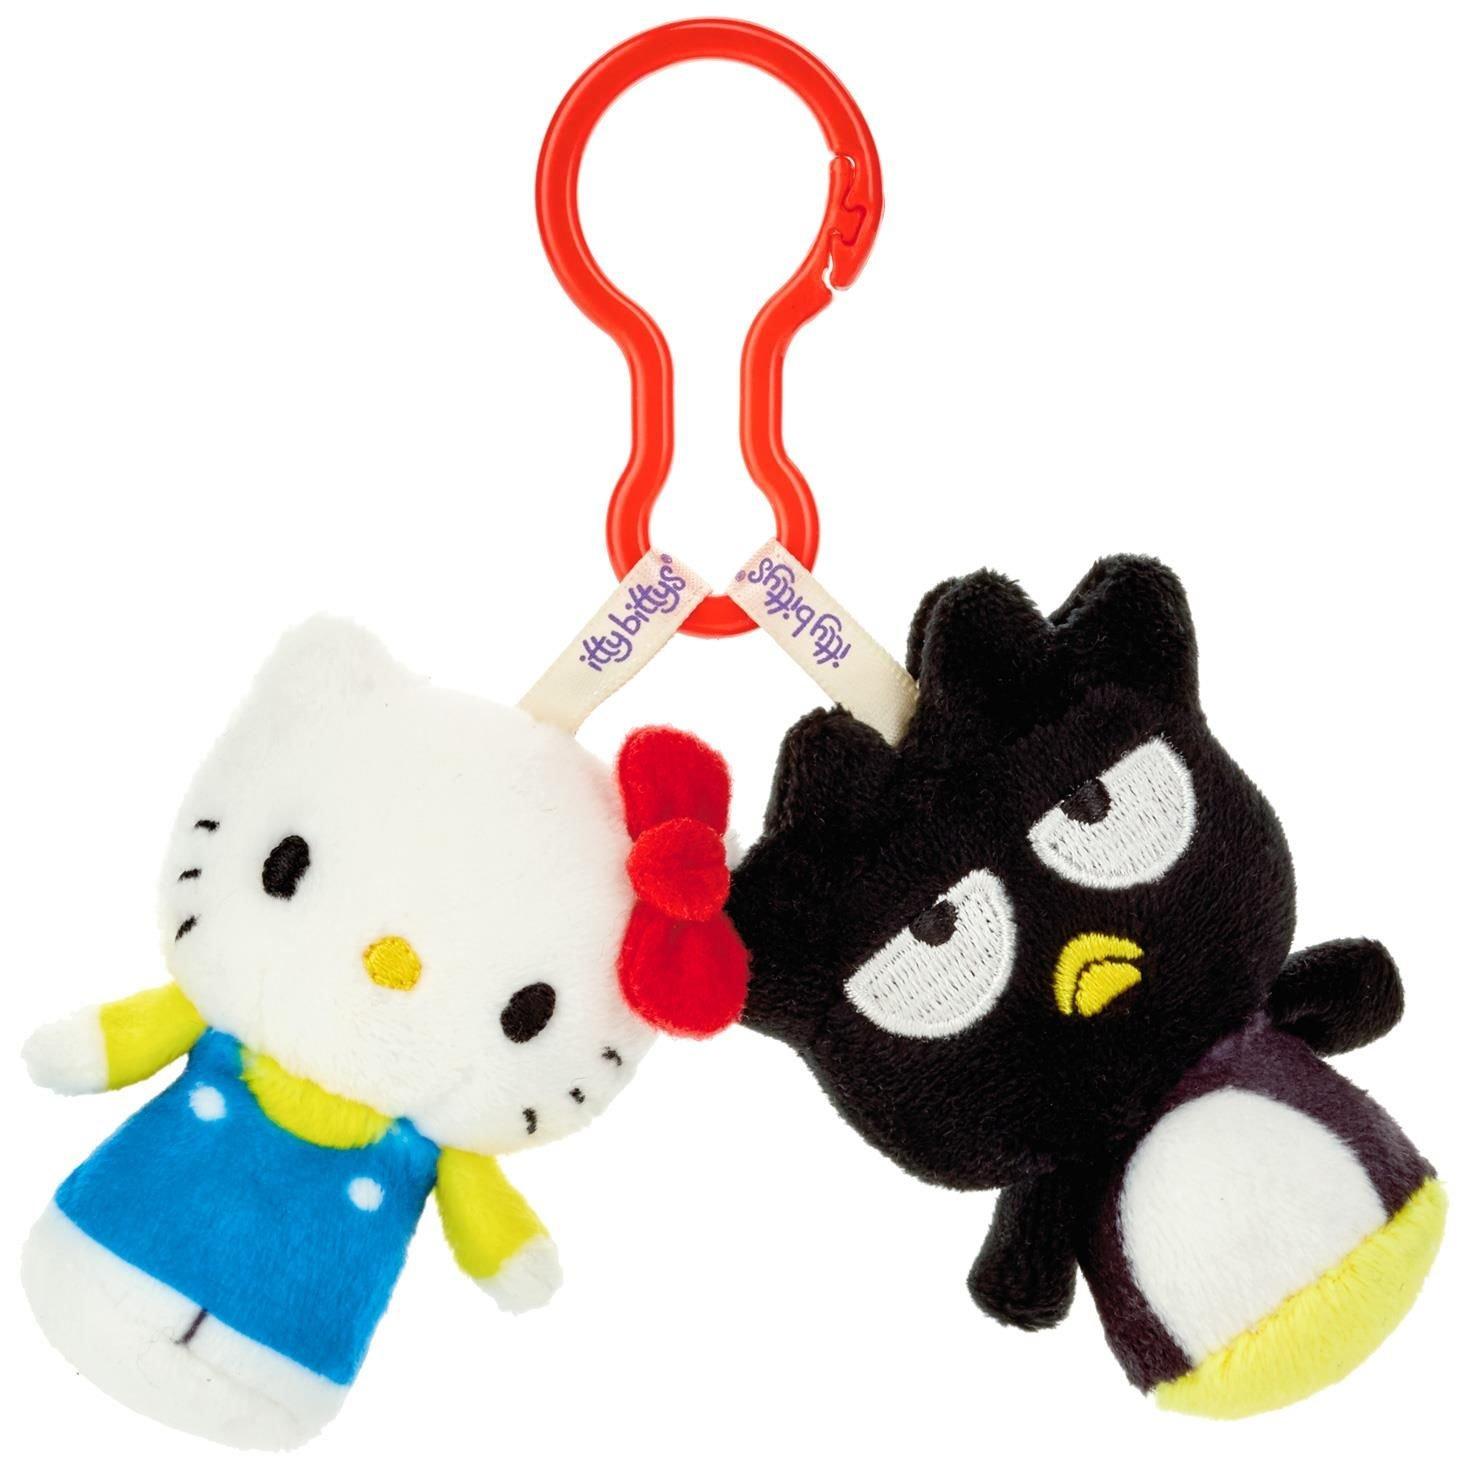 Sanrio Hello Kitty and Badtz Maru itty bittys Clippys Stuffed Animals Itty Bittys Hallmark